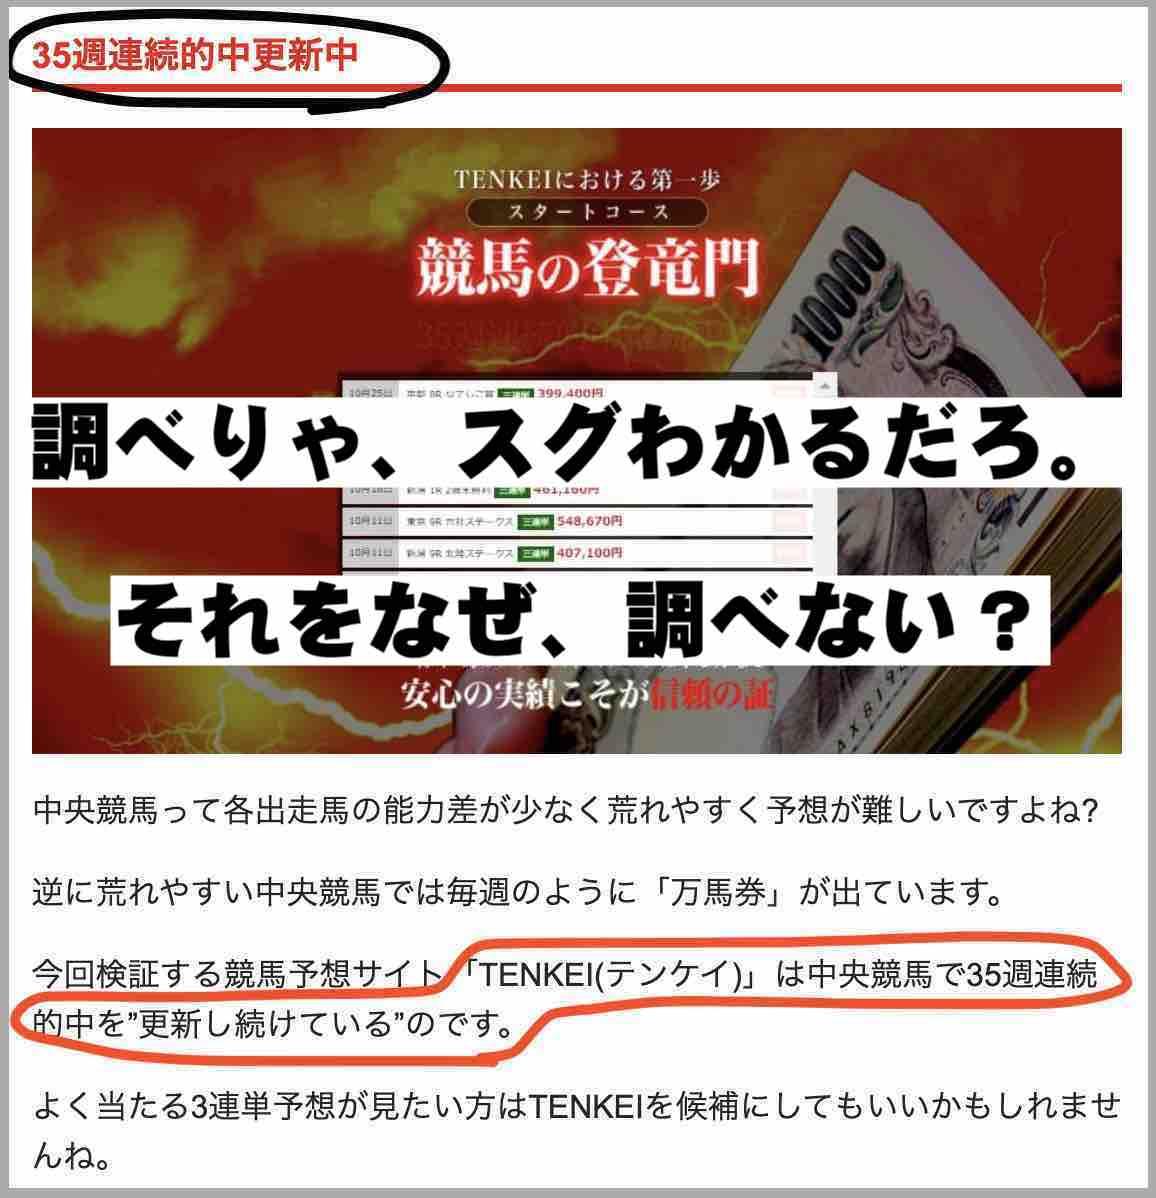 TENKEIという競馬予想サイトを高評価する悪徳競馬サイト調査局はグル?